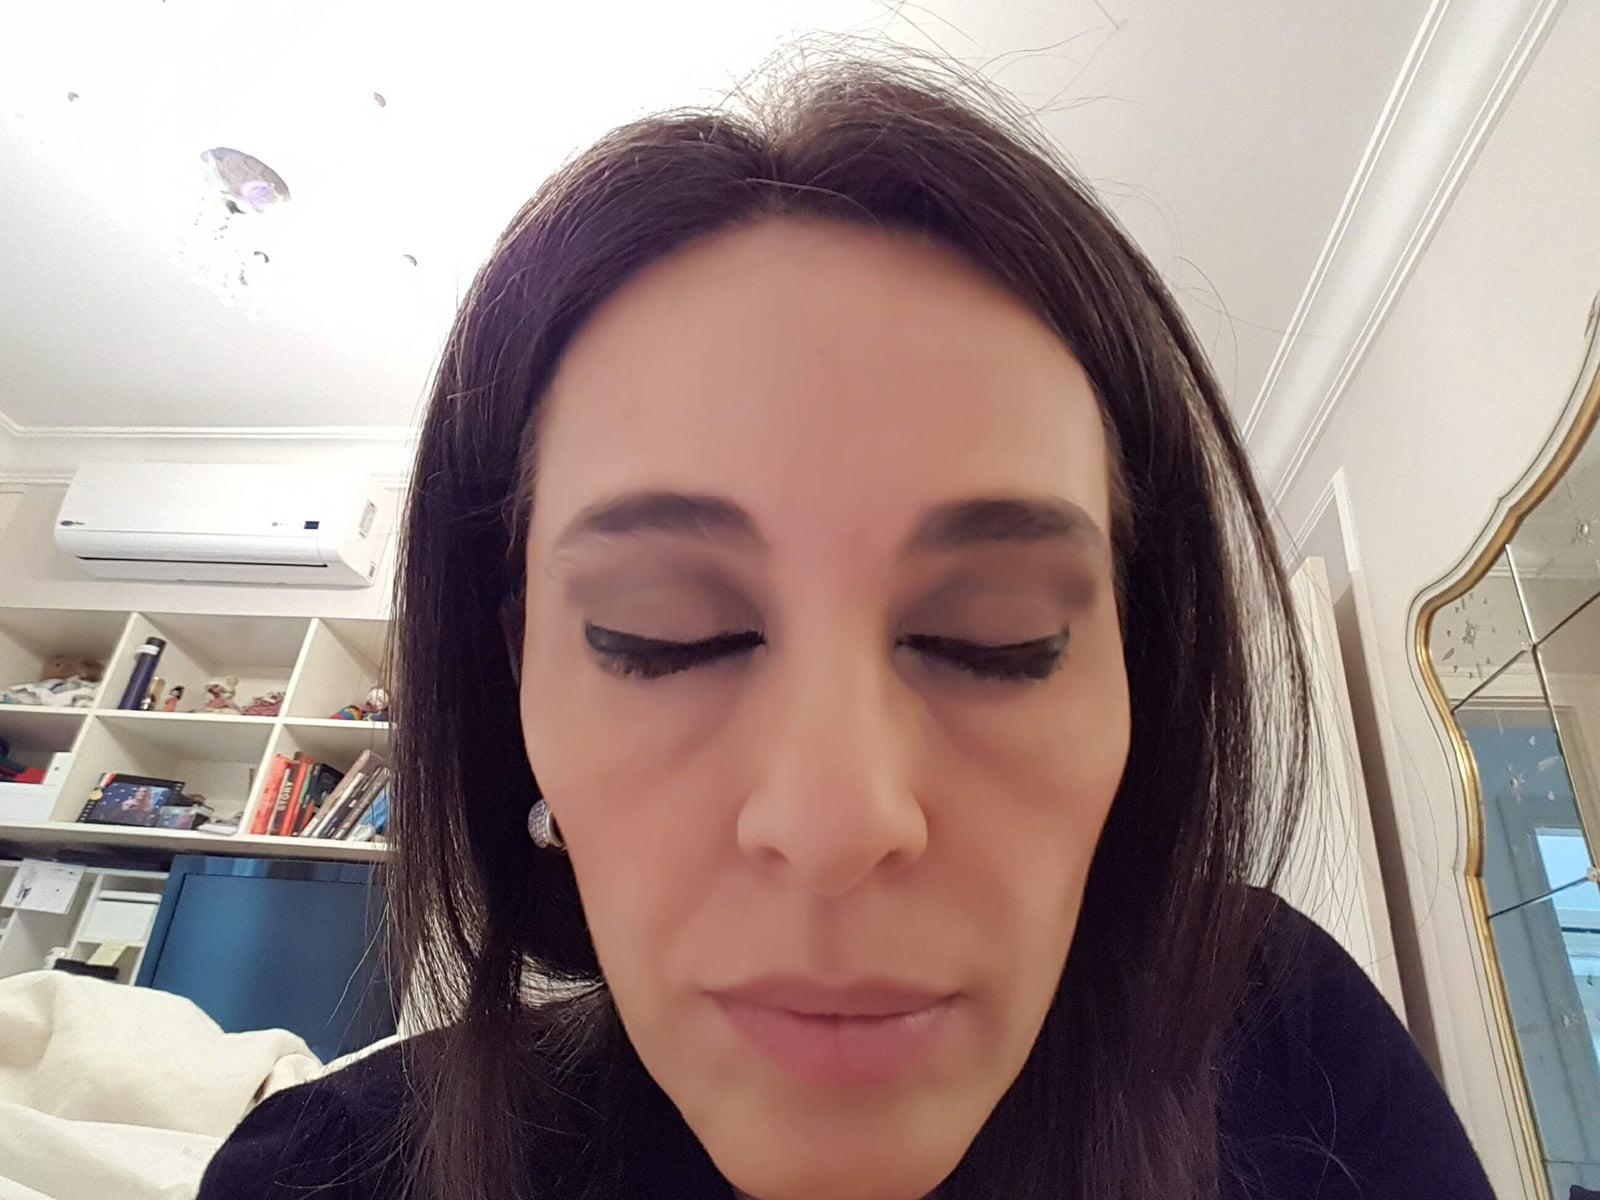 blog-da-carla-vilhena-maquiagem-dia-a-dia-4